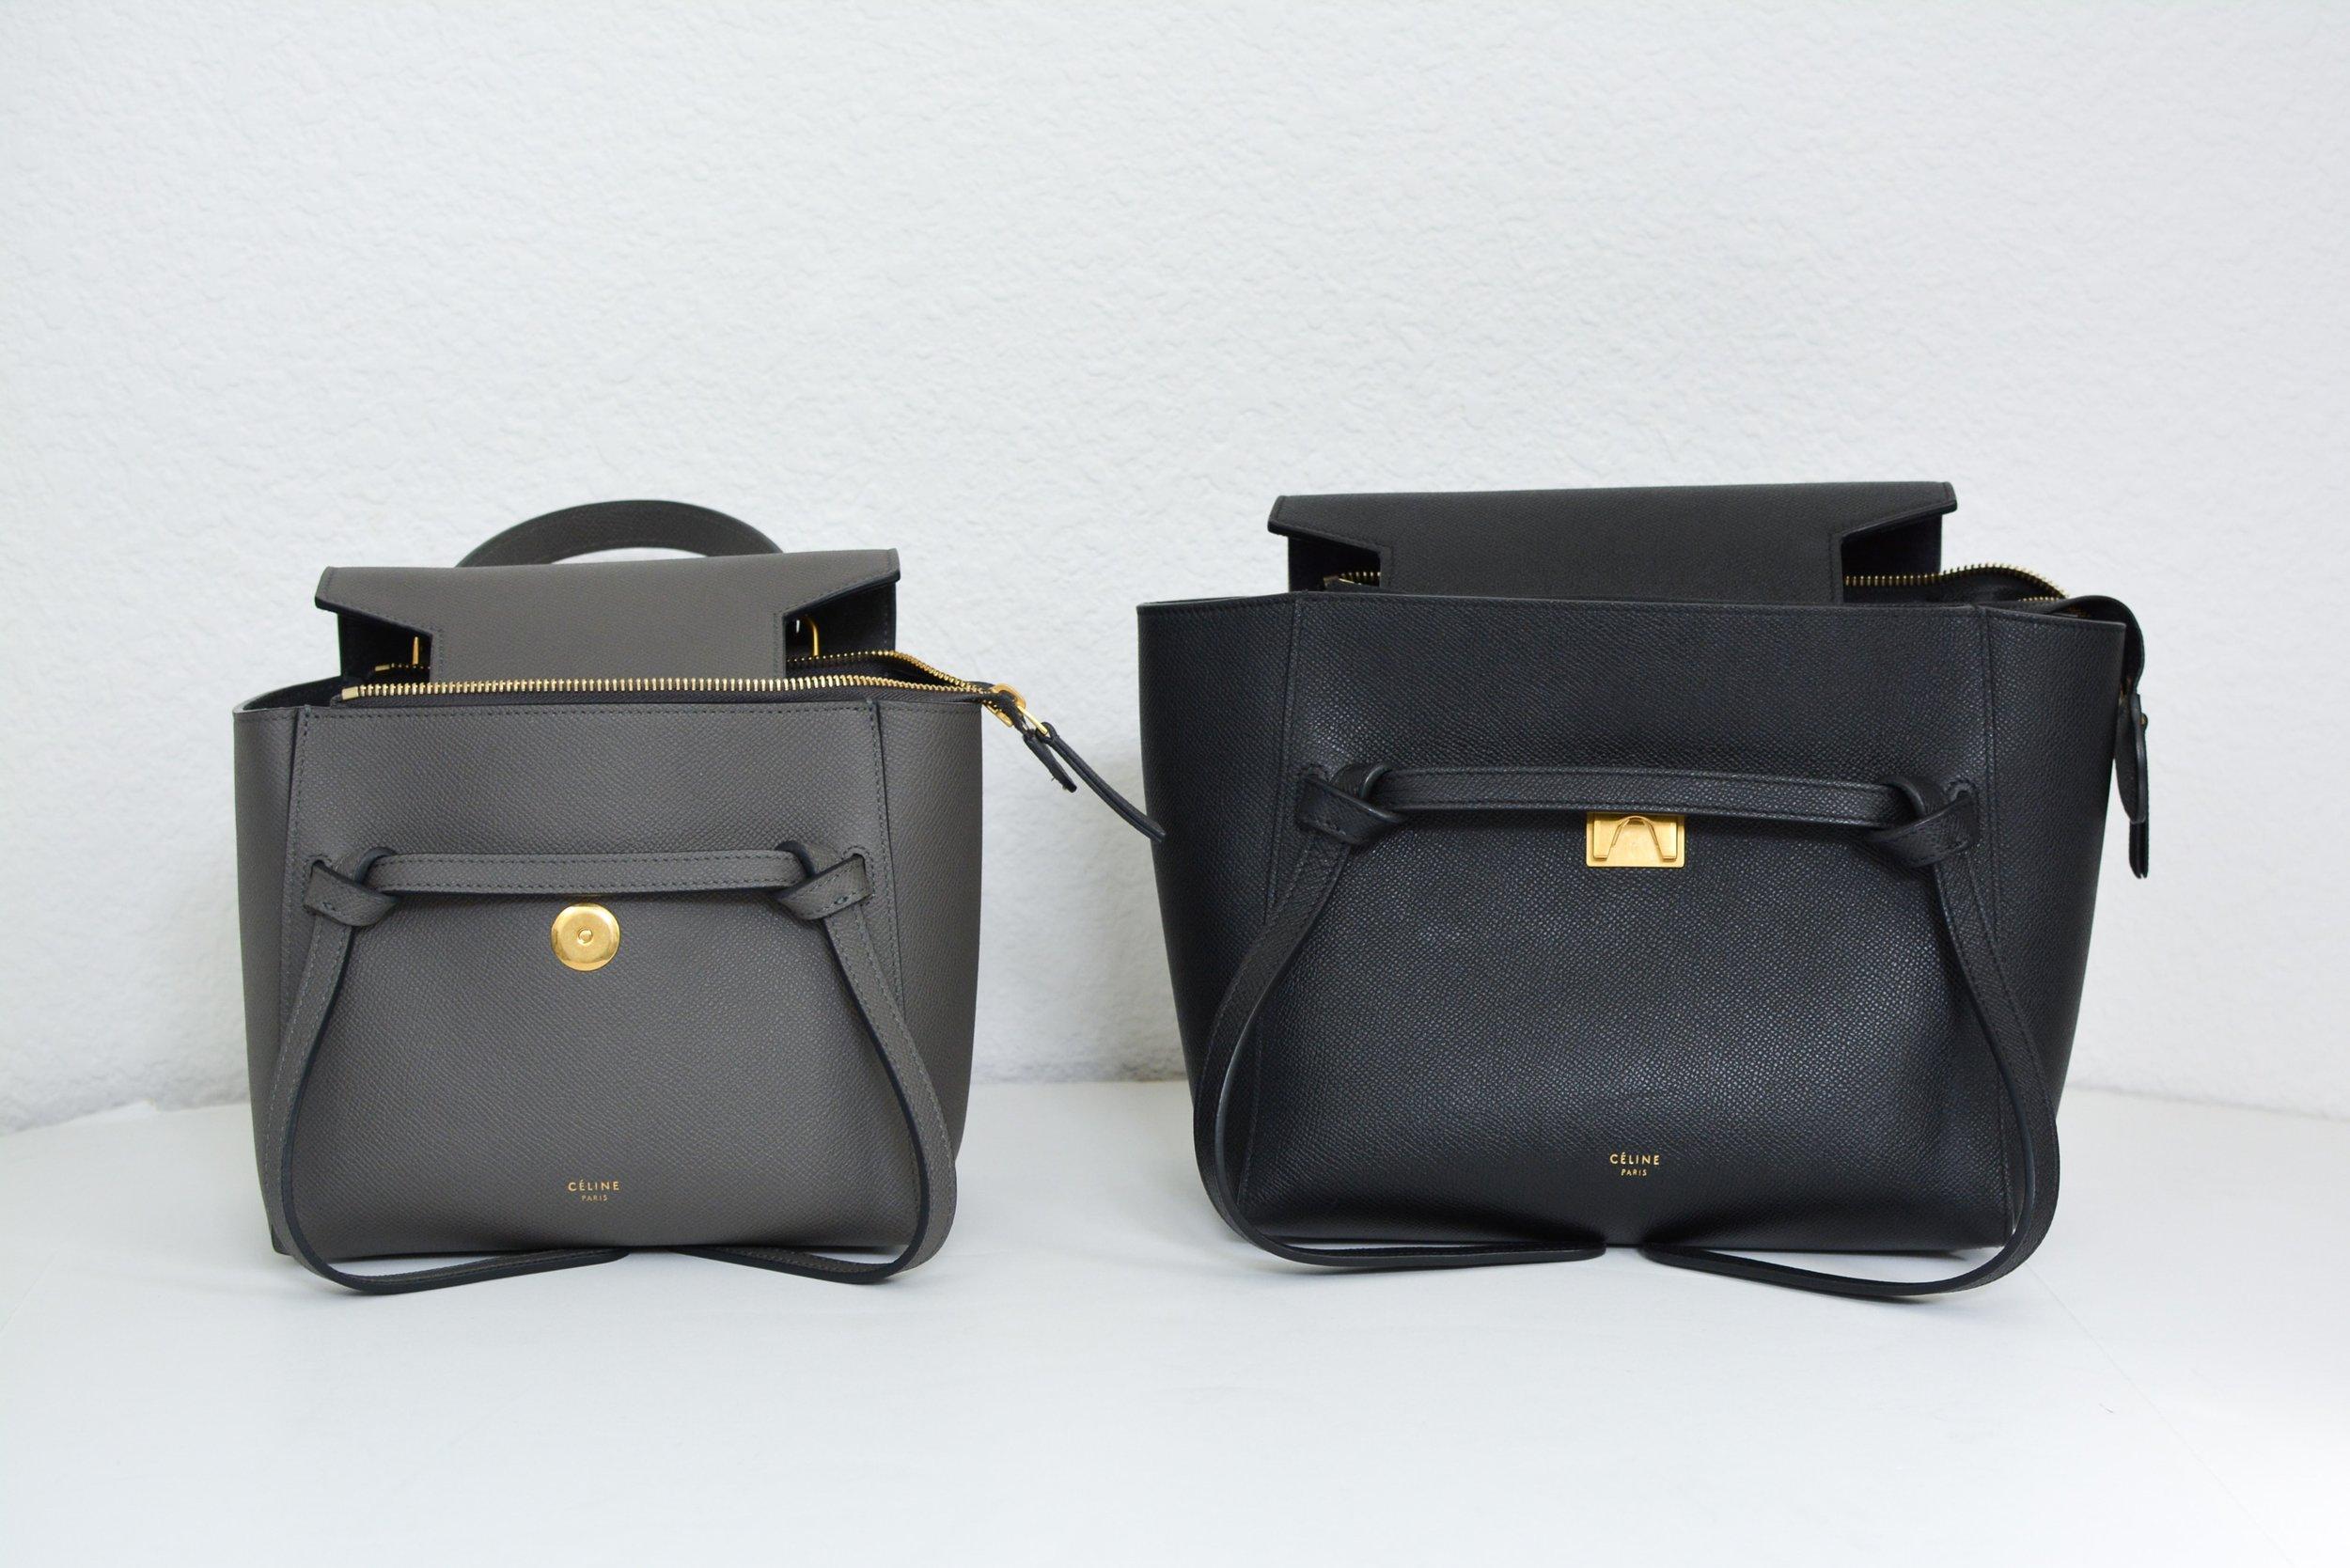 Celine Nano Belt Bag Review (4 of 4)-min.jpg